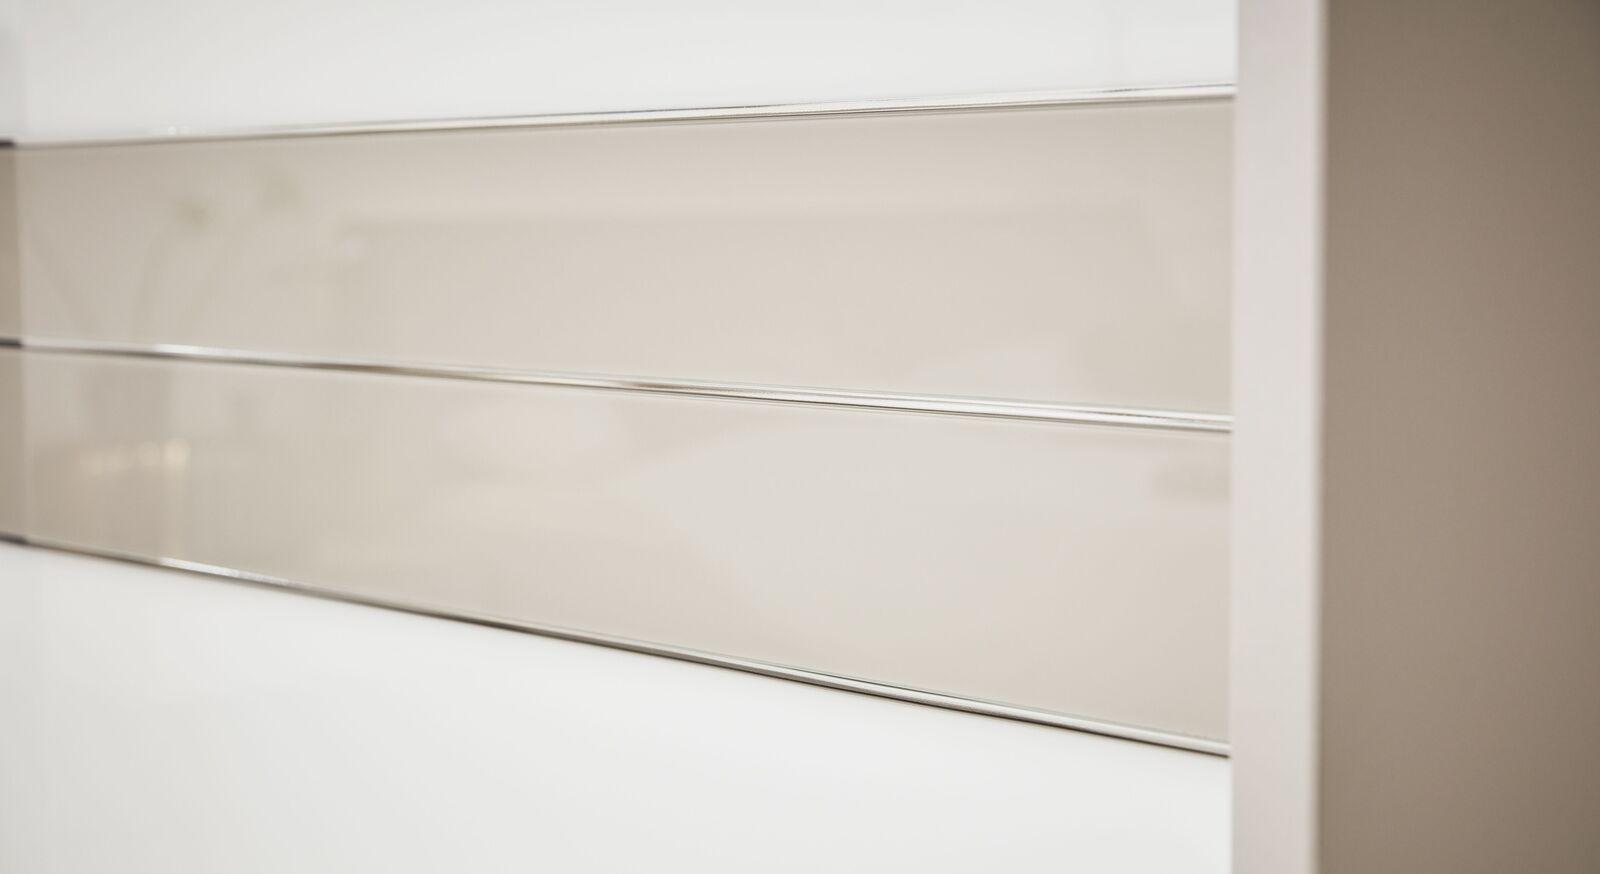 INTERLIVING Schwebetüren-Kleiderschrank 1009 mit eleganten Zierleisten